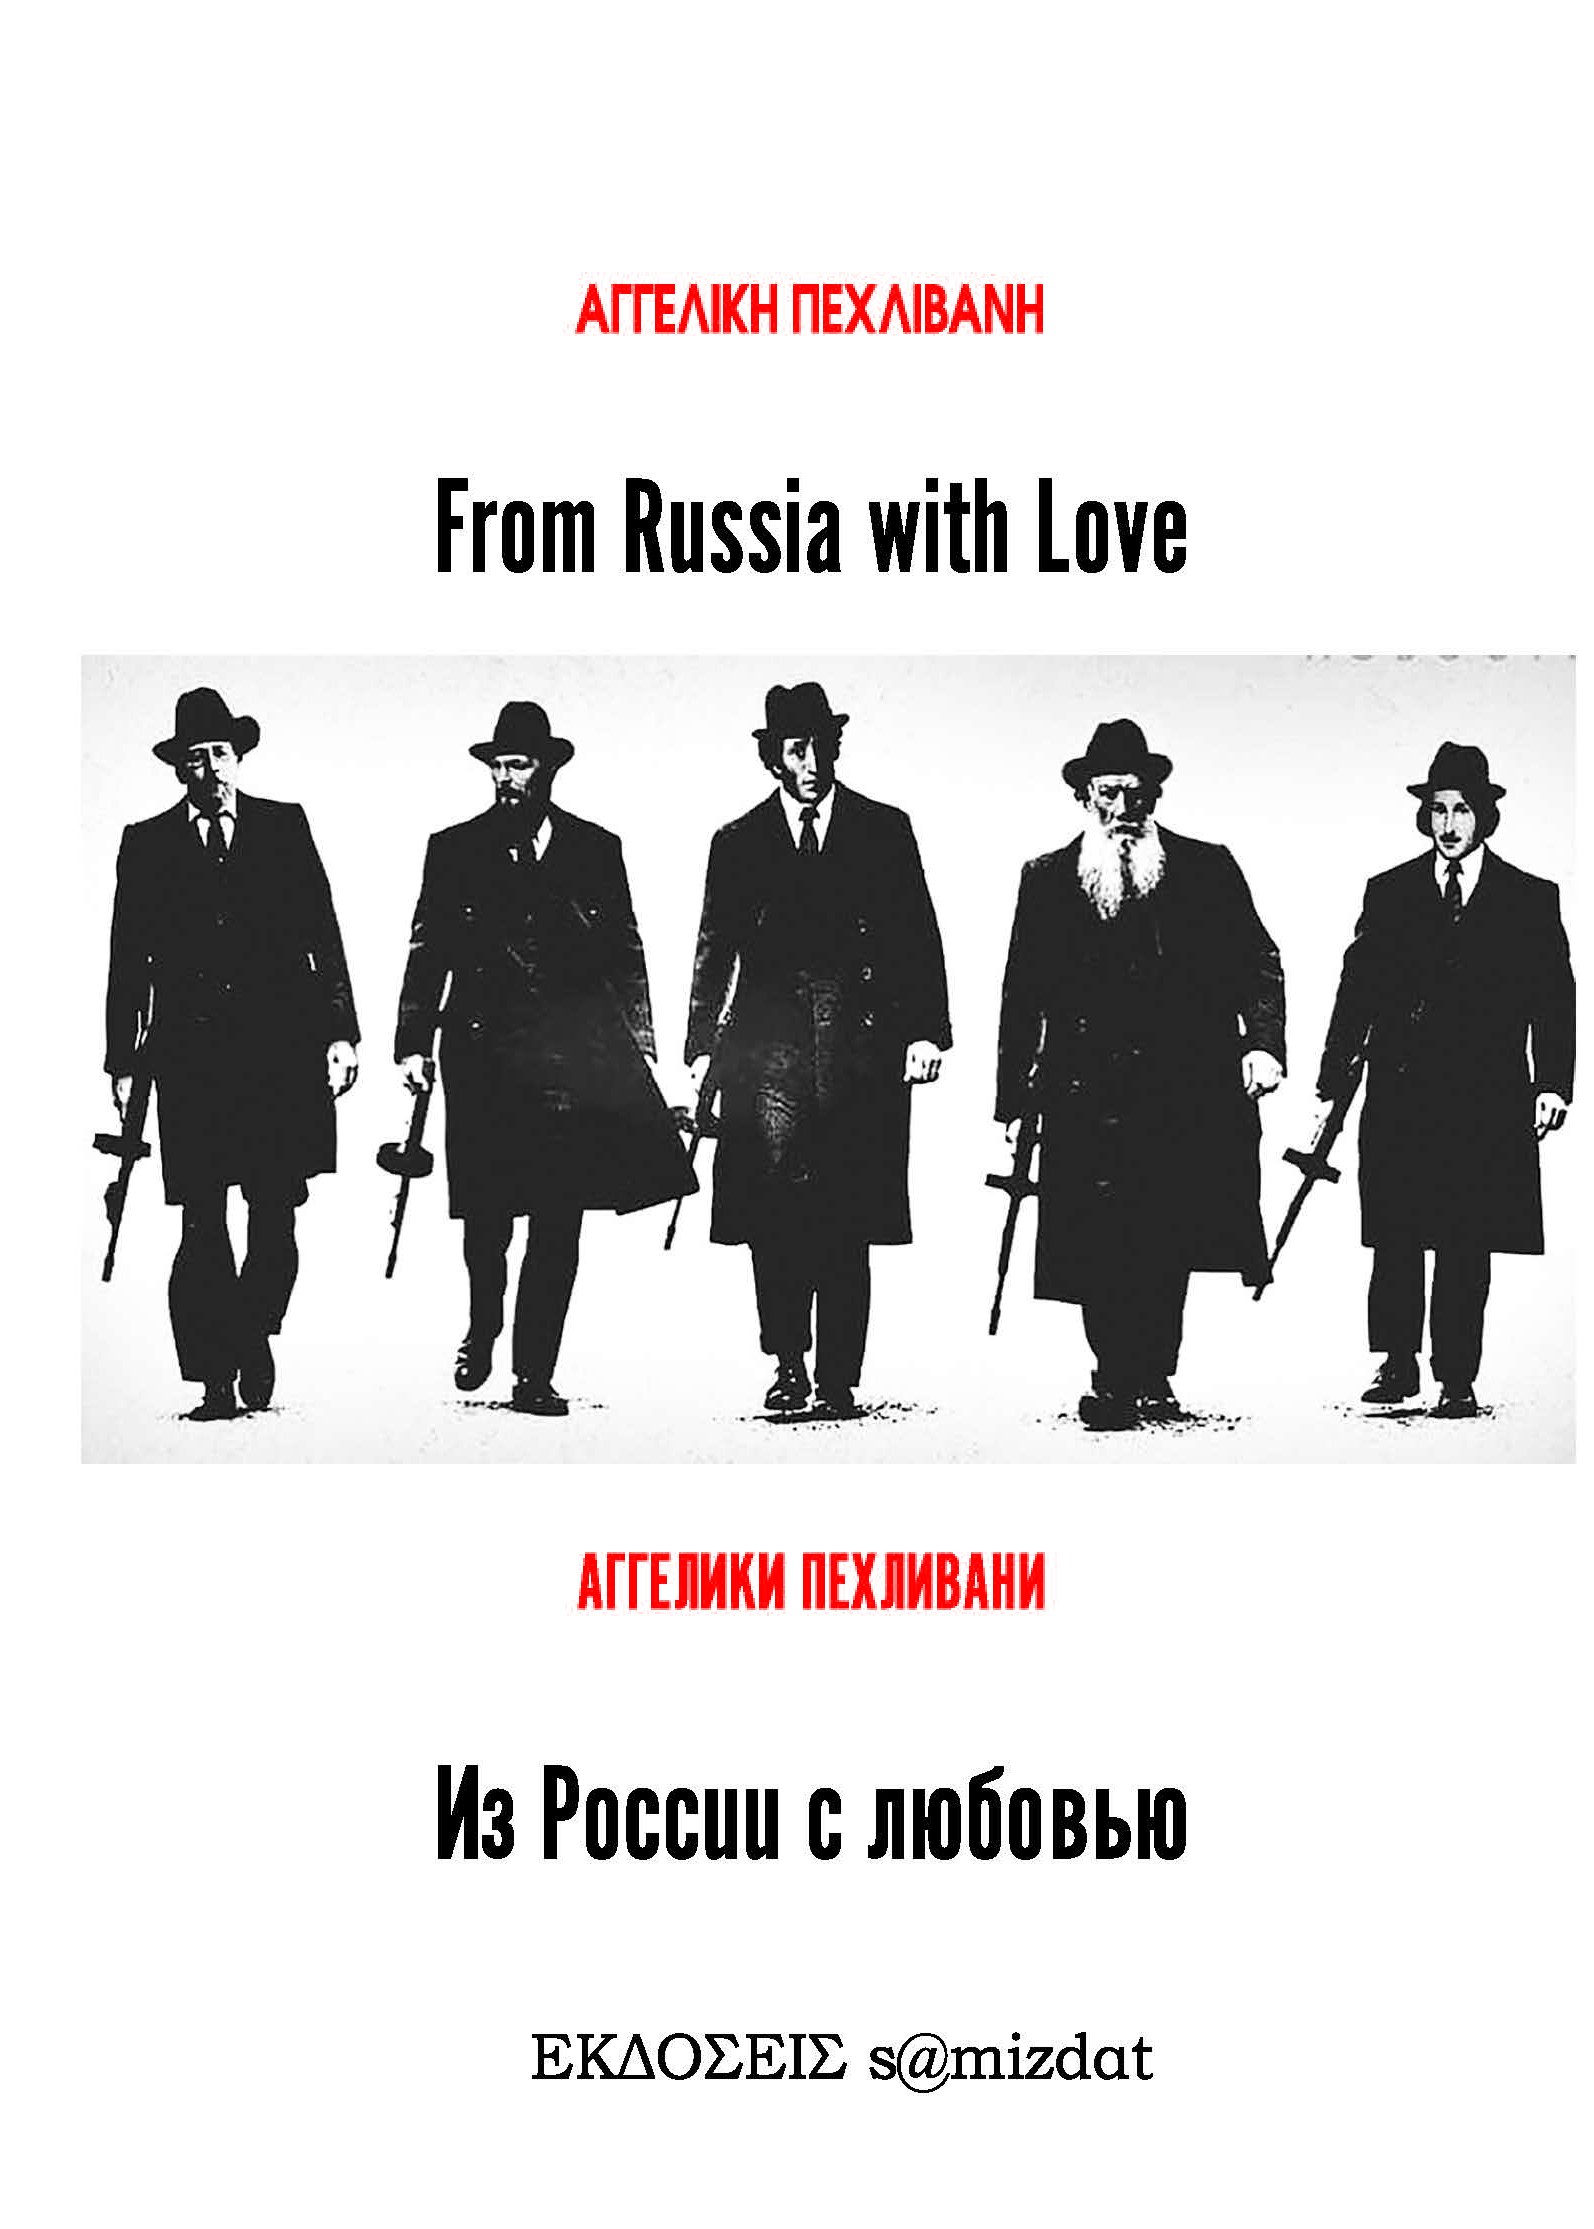 Αγγελική Πεχλιβάνη From Russia with love